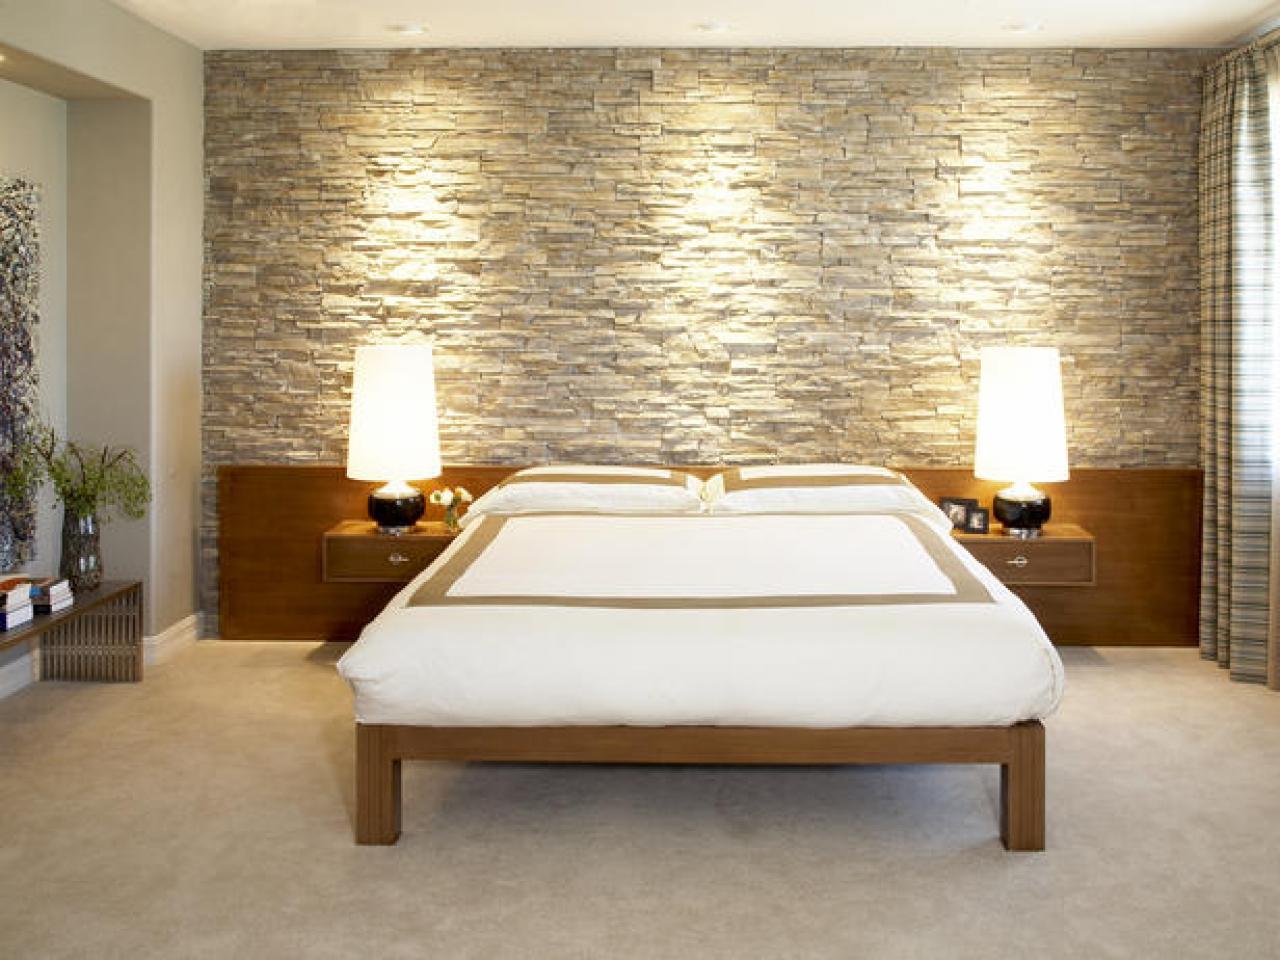 Piastrelle decorative in casa. Decorazione di interni in pietra ...